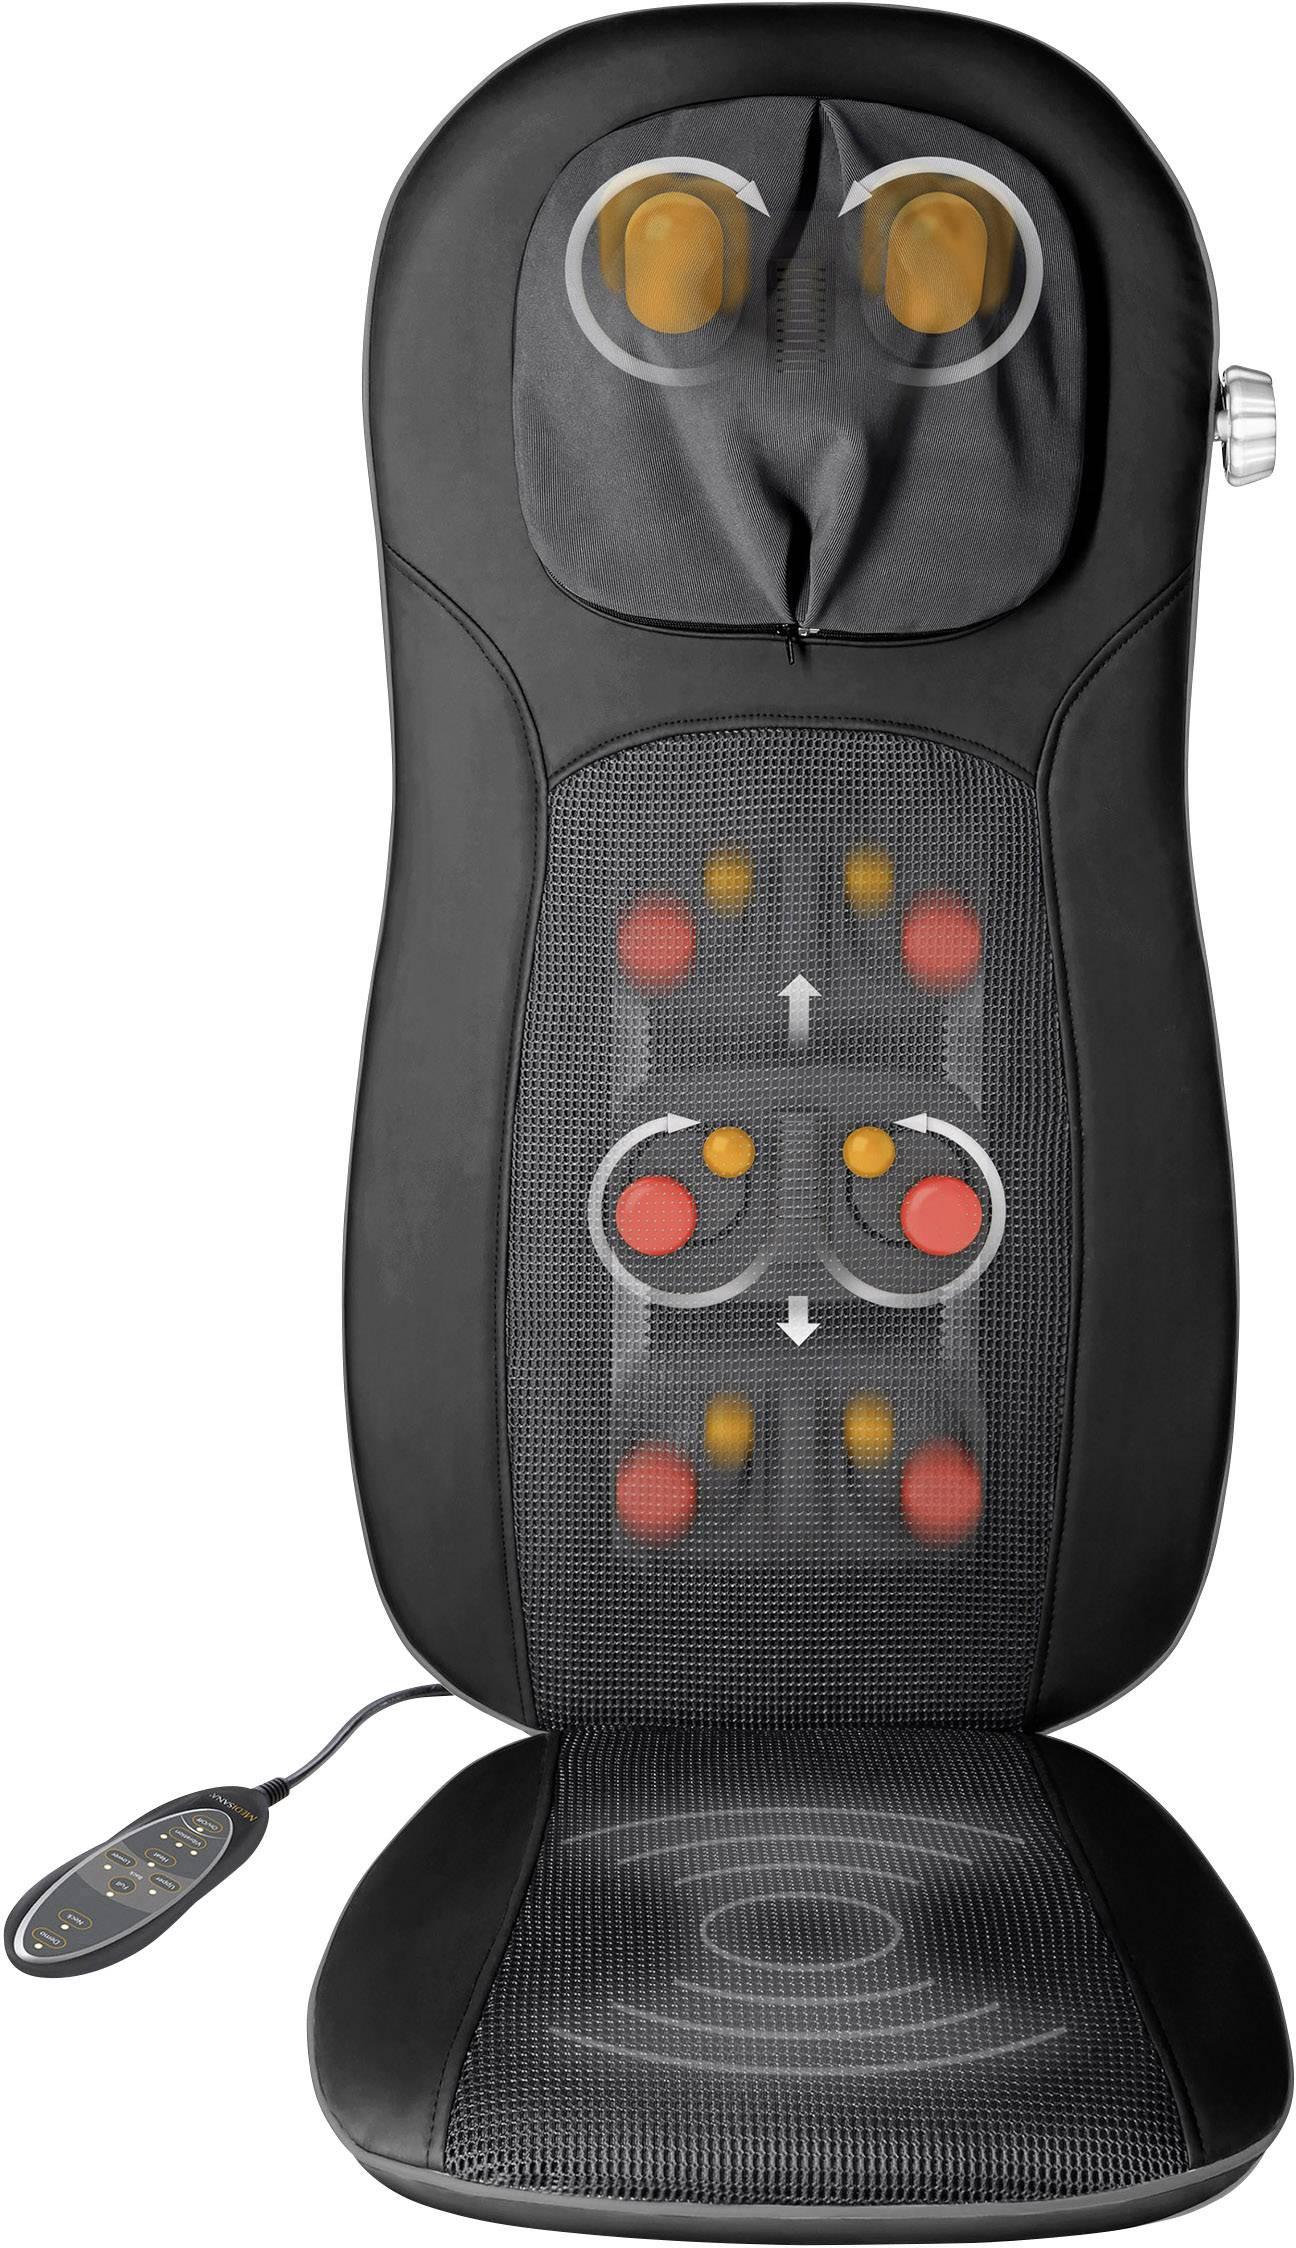 Masážny poťah sedačky Medisana MCN pro Shiatsu, 48 W, čierna